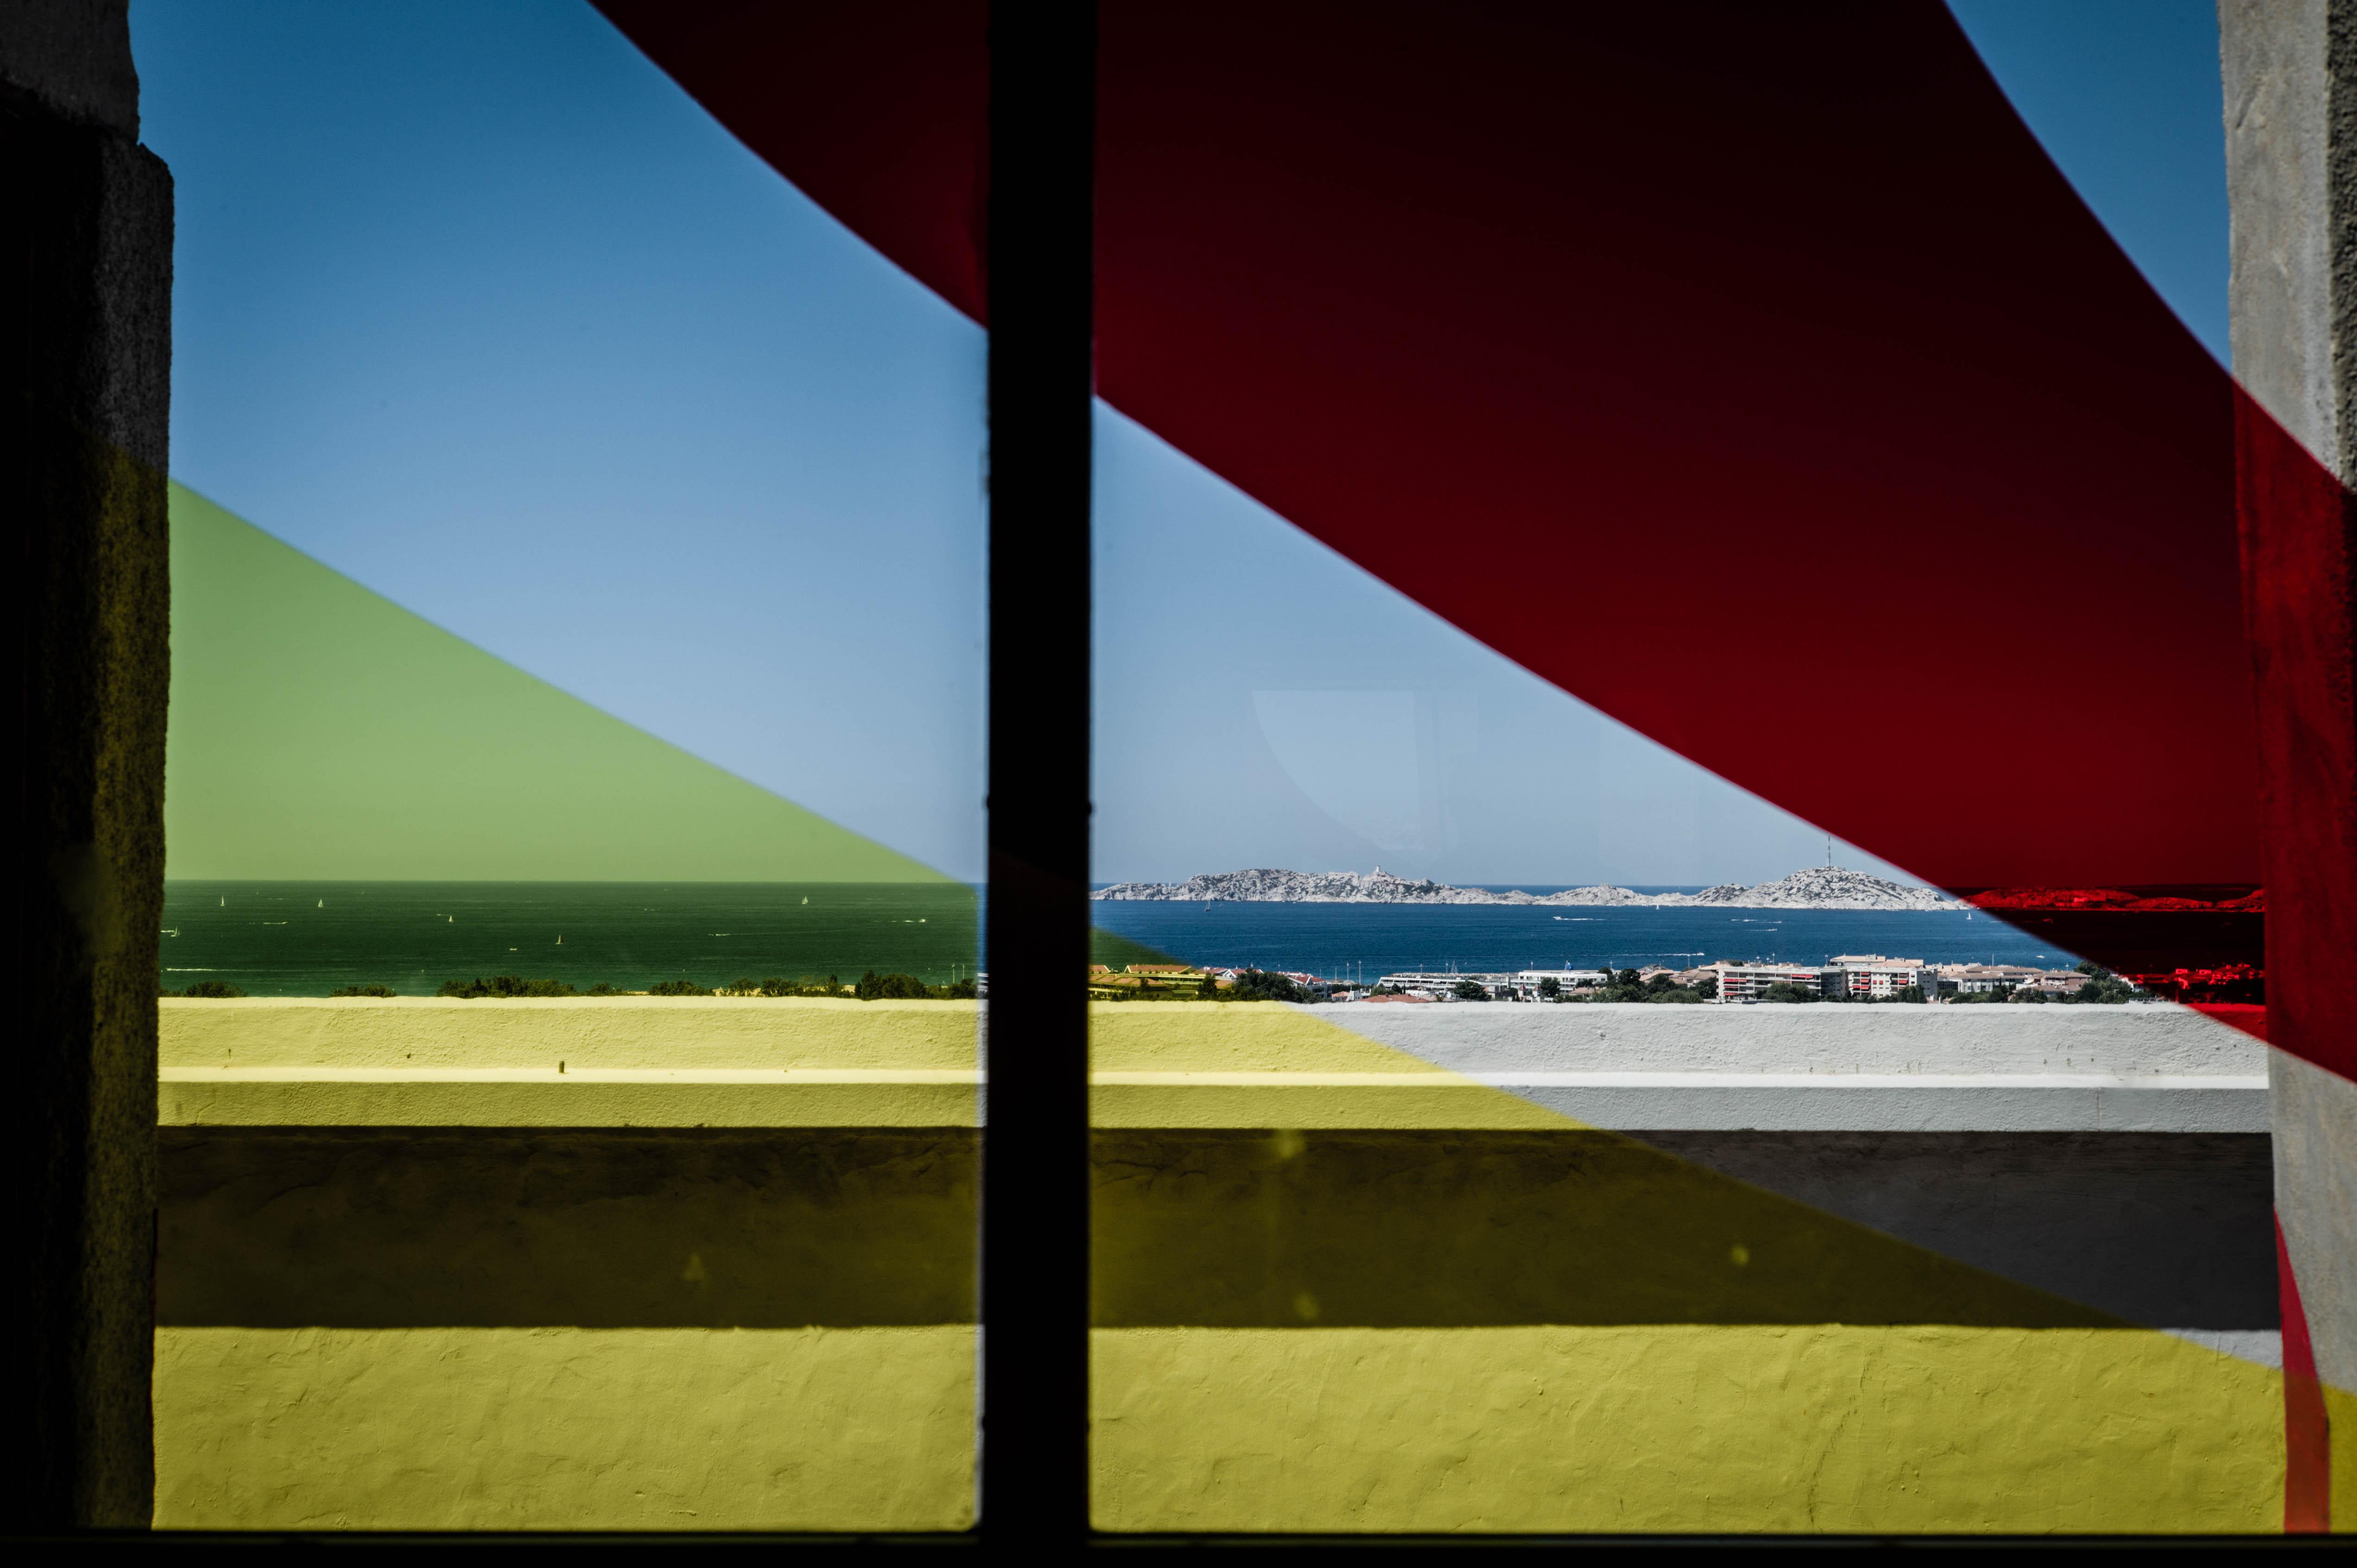 Le Corbusier #4